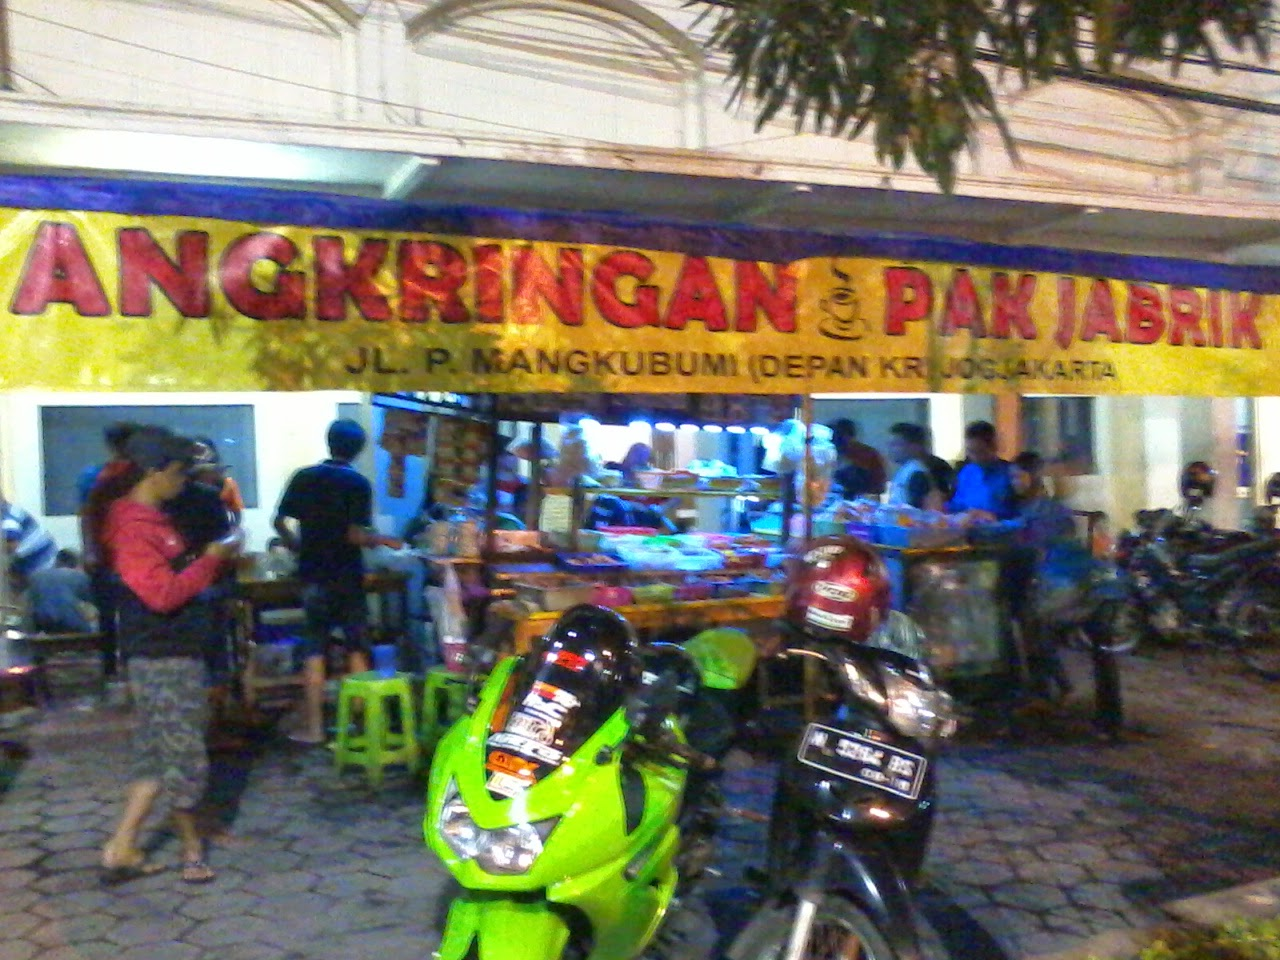 Angkringan Pak Jabrik dekat Tugu Jogja